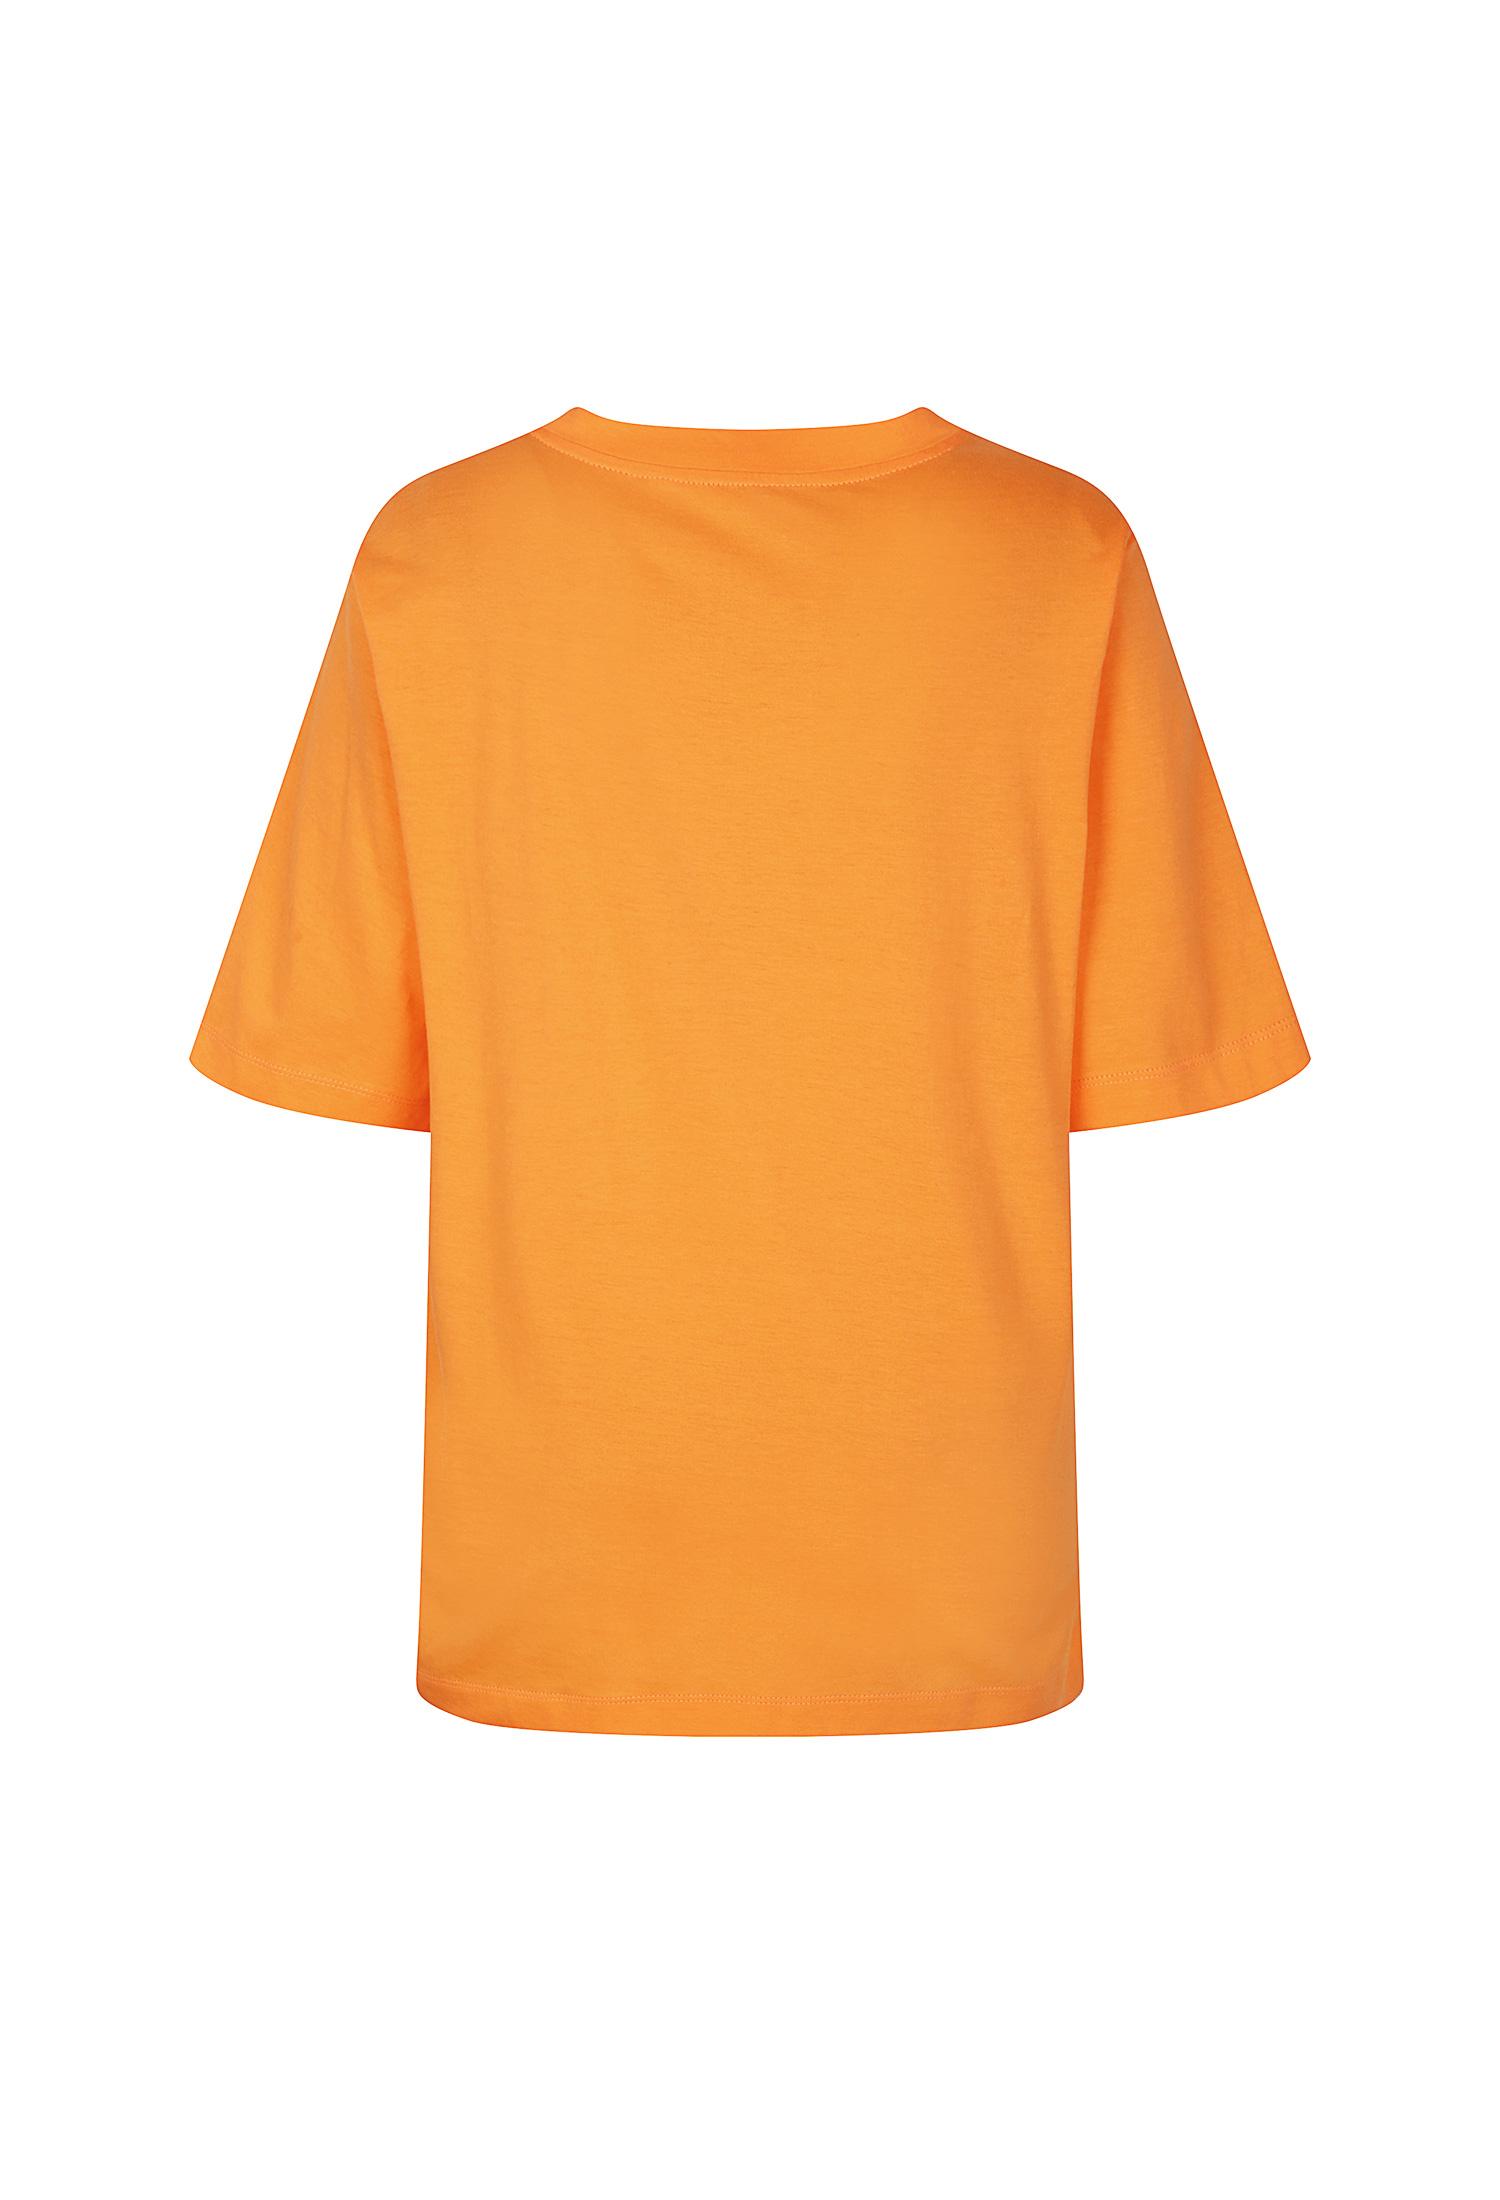 태슬 장식 메탈릭 프린팅 티셔츠 (ORANGE)